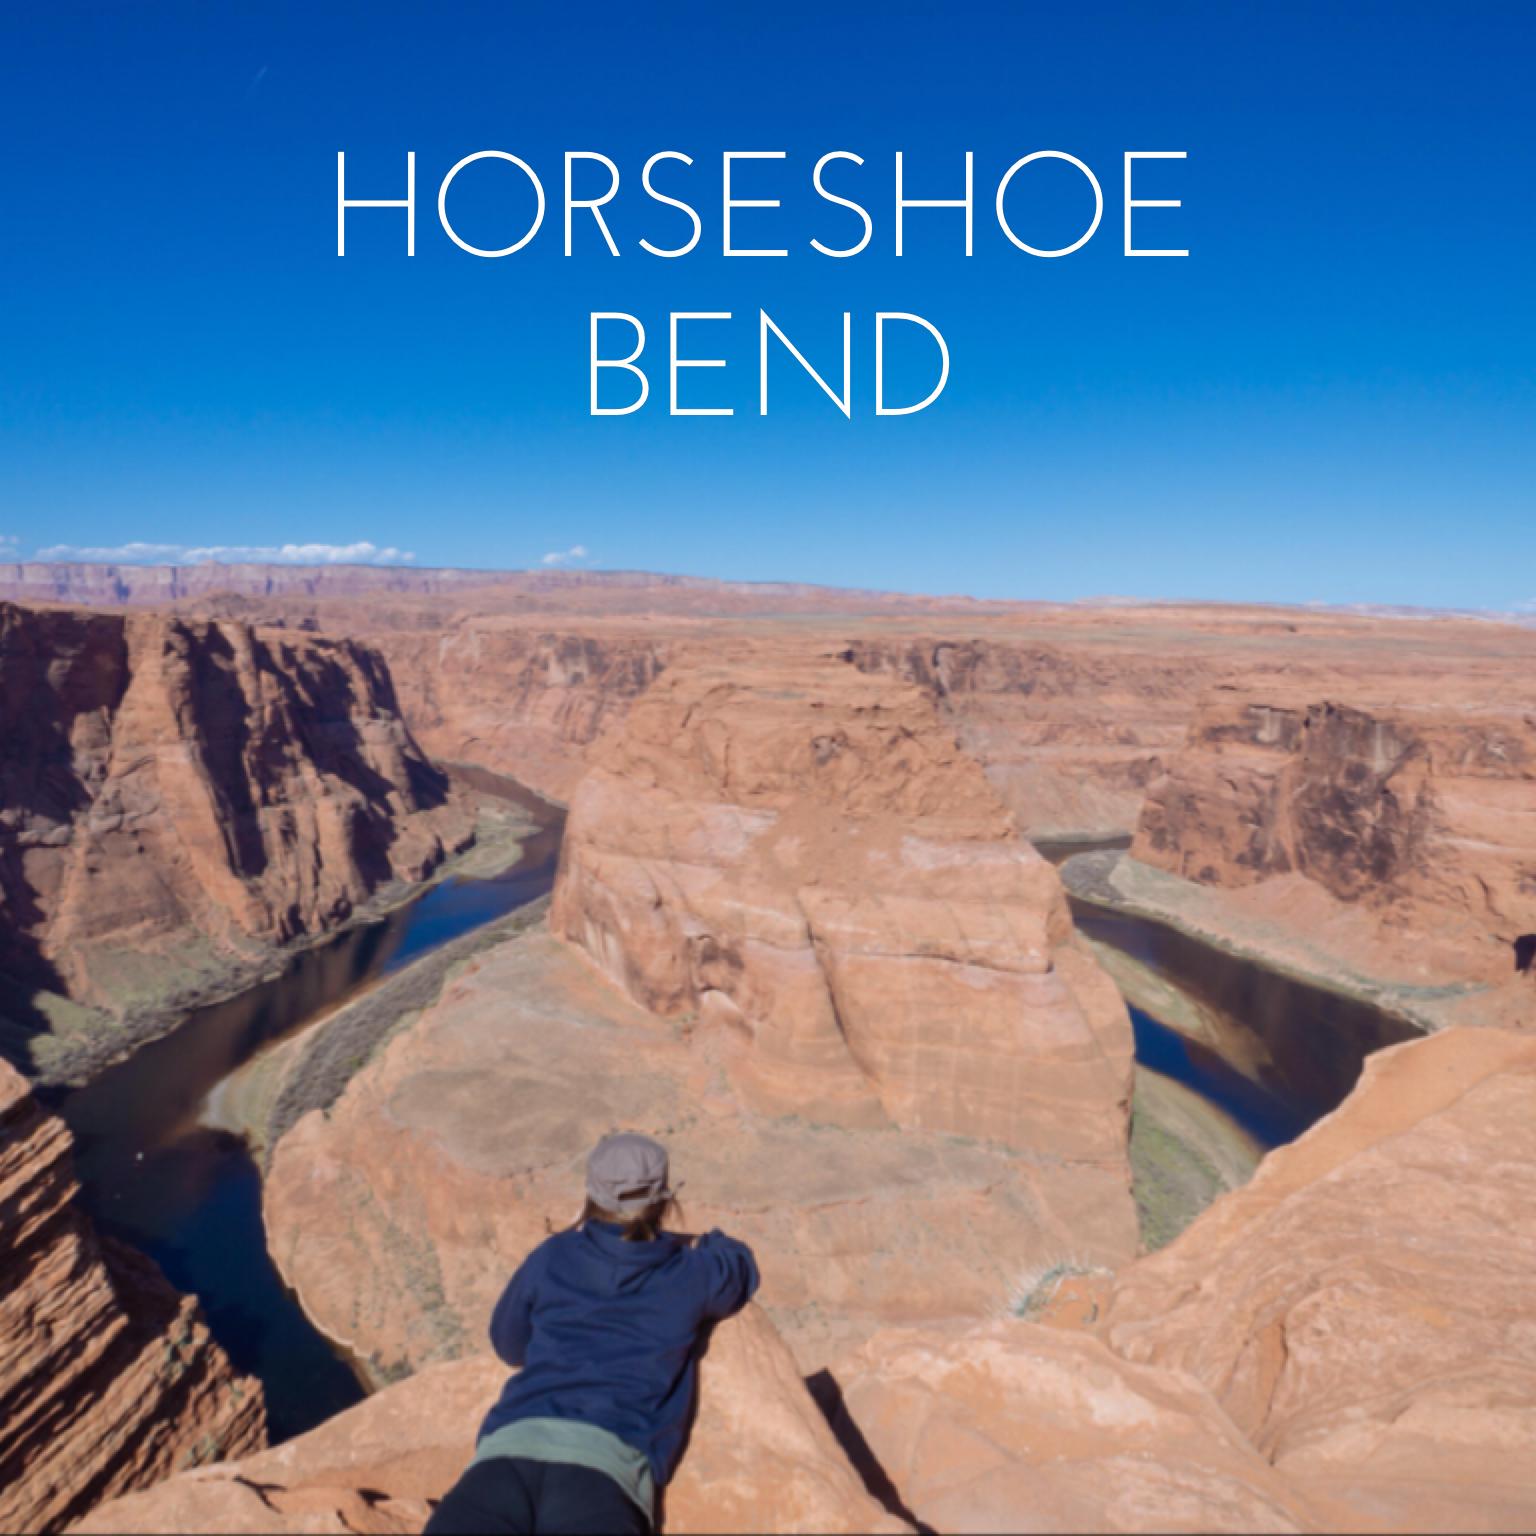 HorseshoeBendTitle(4).jpg